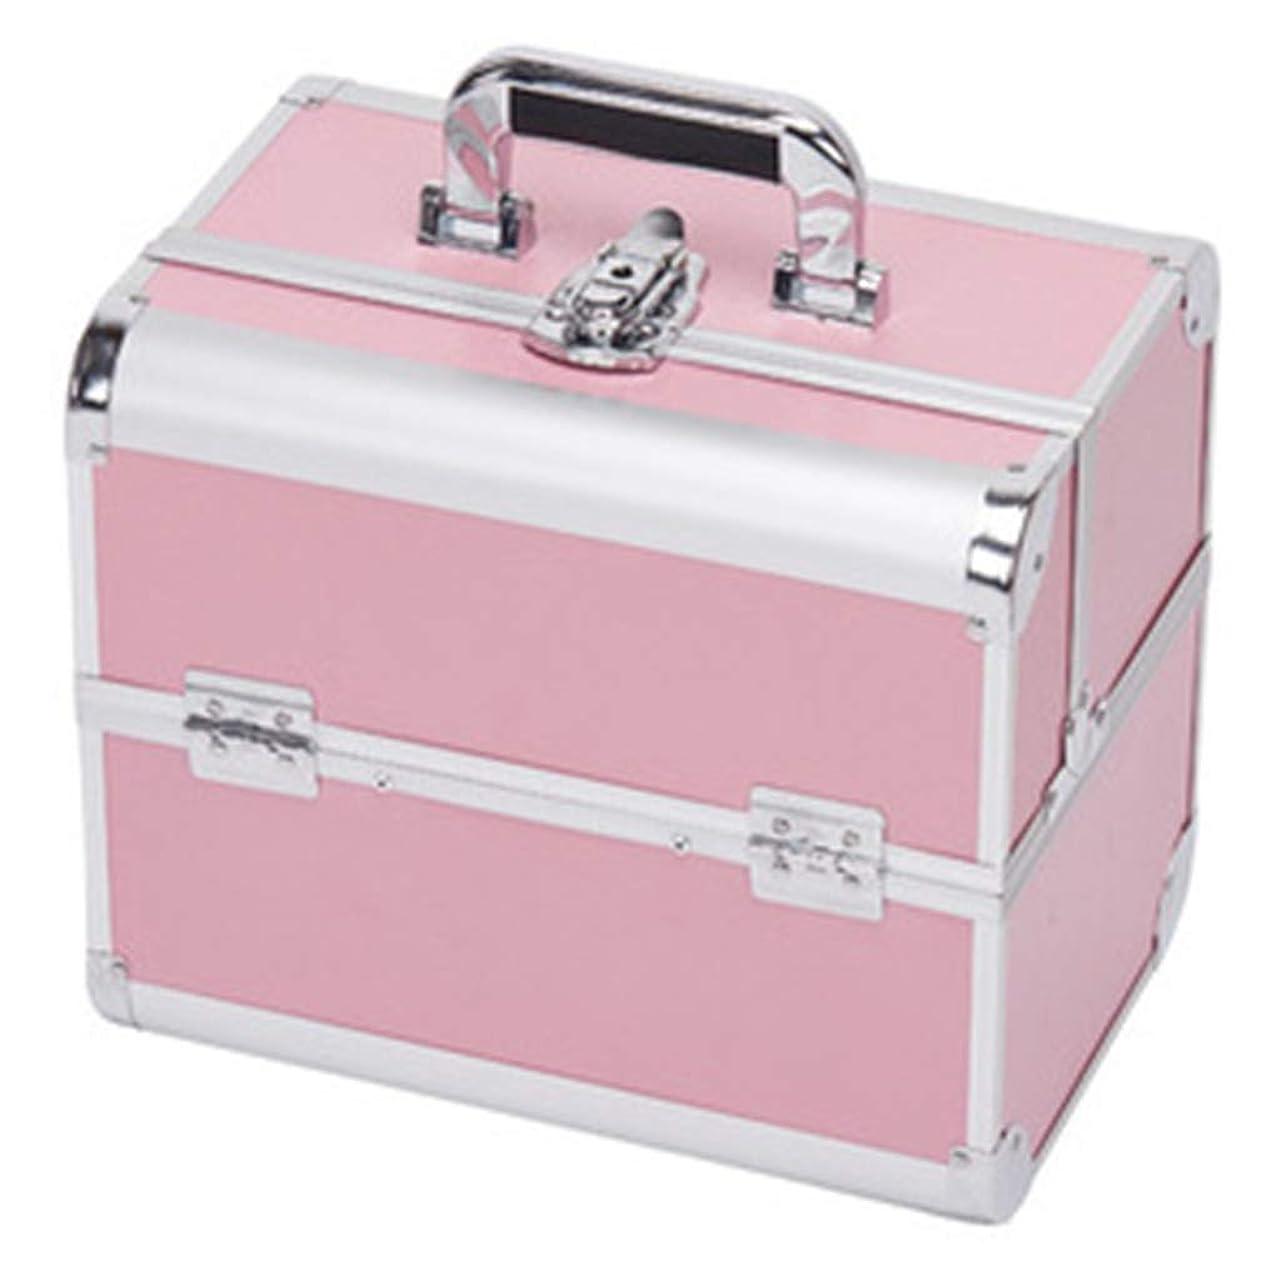 長いです姿を消すターゲット[テンカ] メイクボックス 収納ボックス ピンク コスメボックス スライドトレイ 化粧箱 収納ケース 化粧品?化粧道具入れ 自宅?出張?旅行?アウトドア撮影 プロ用 大容量 多機能